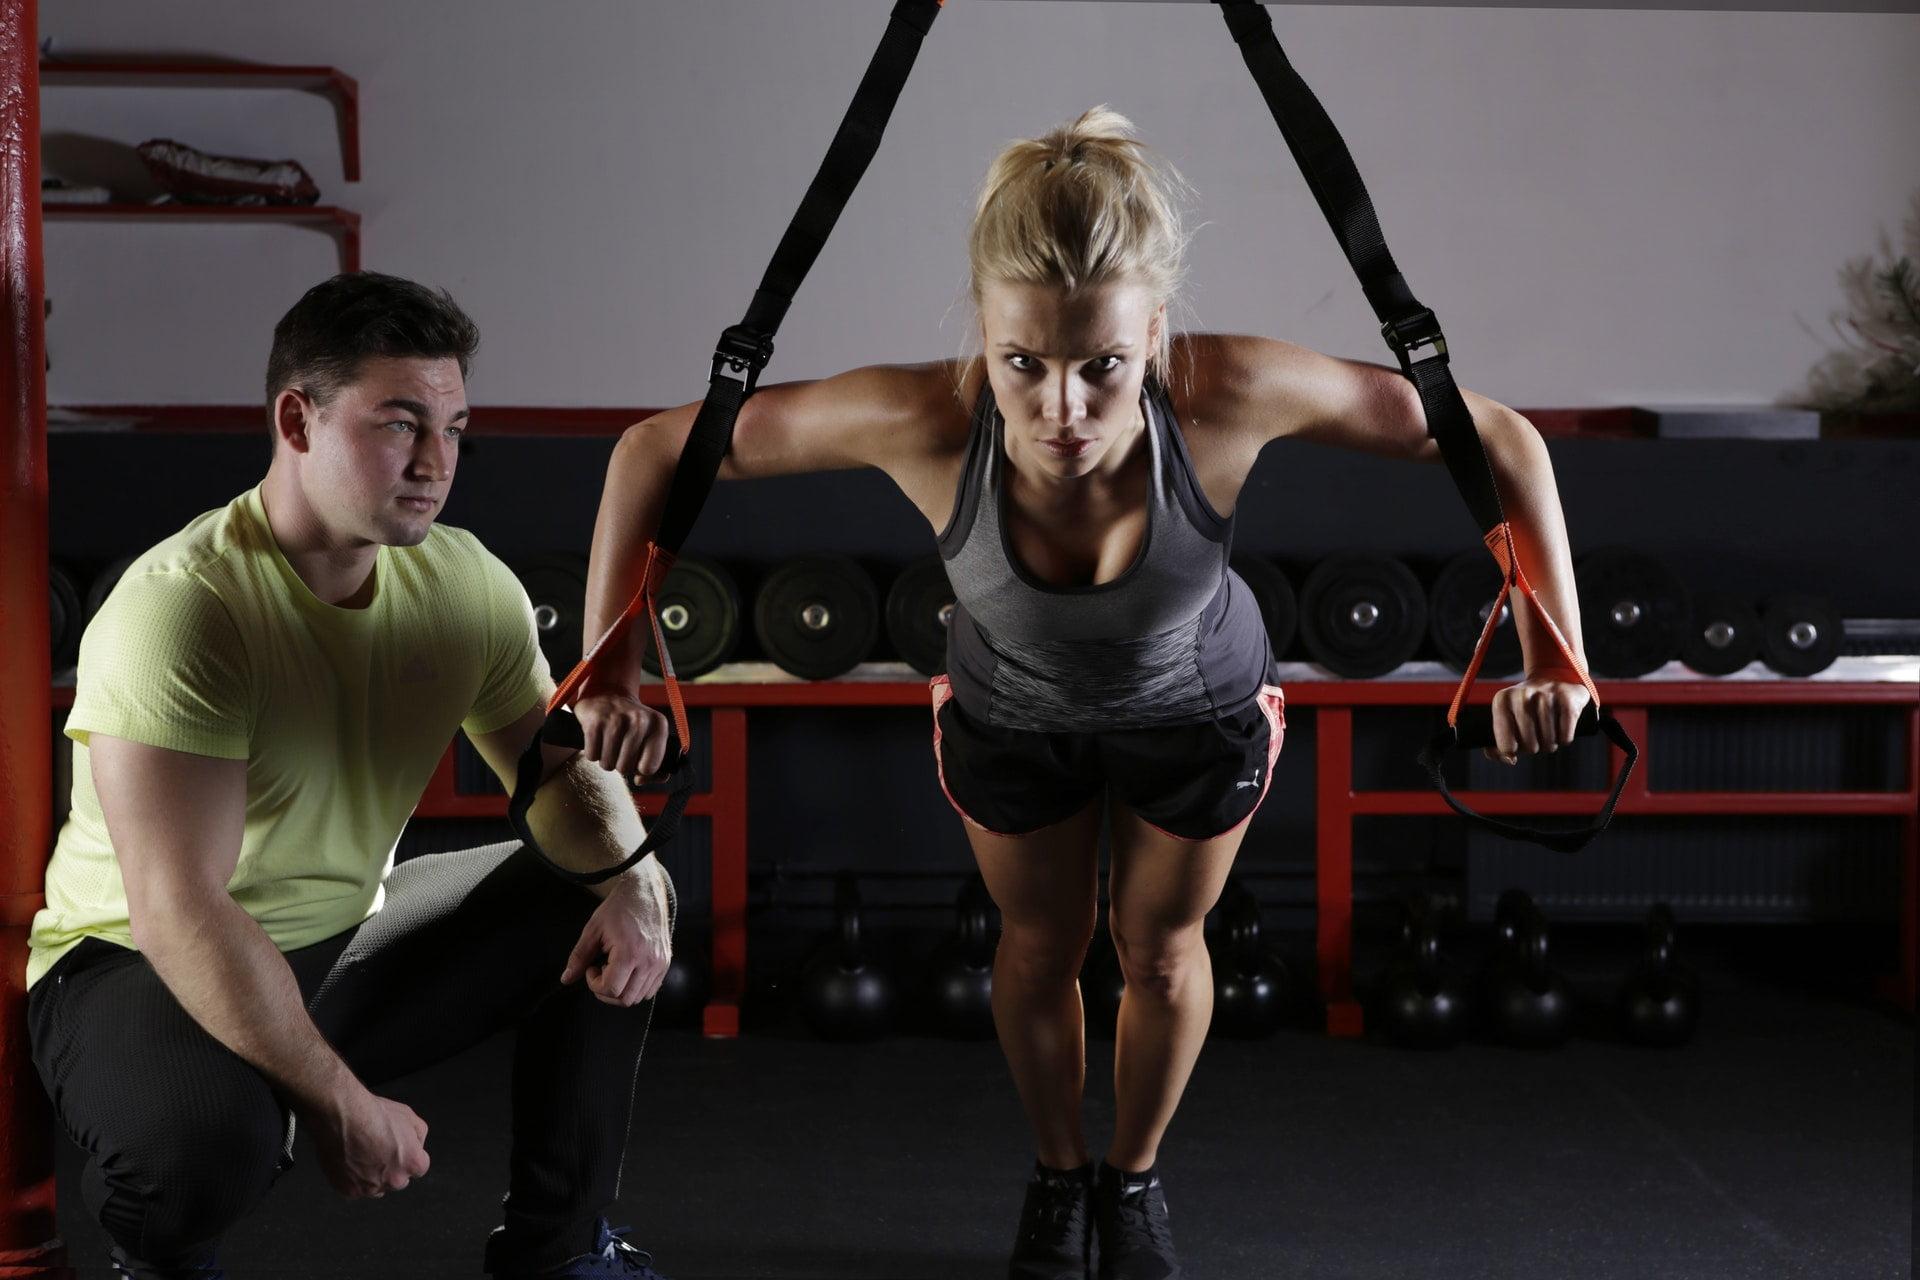 flexible workout